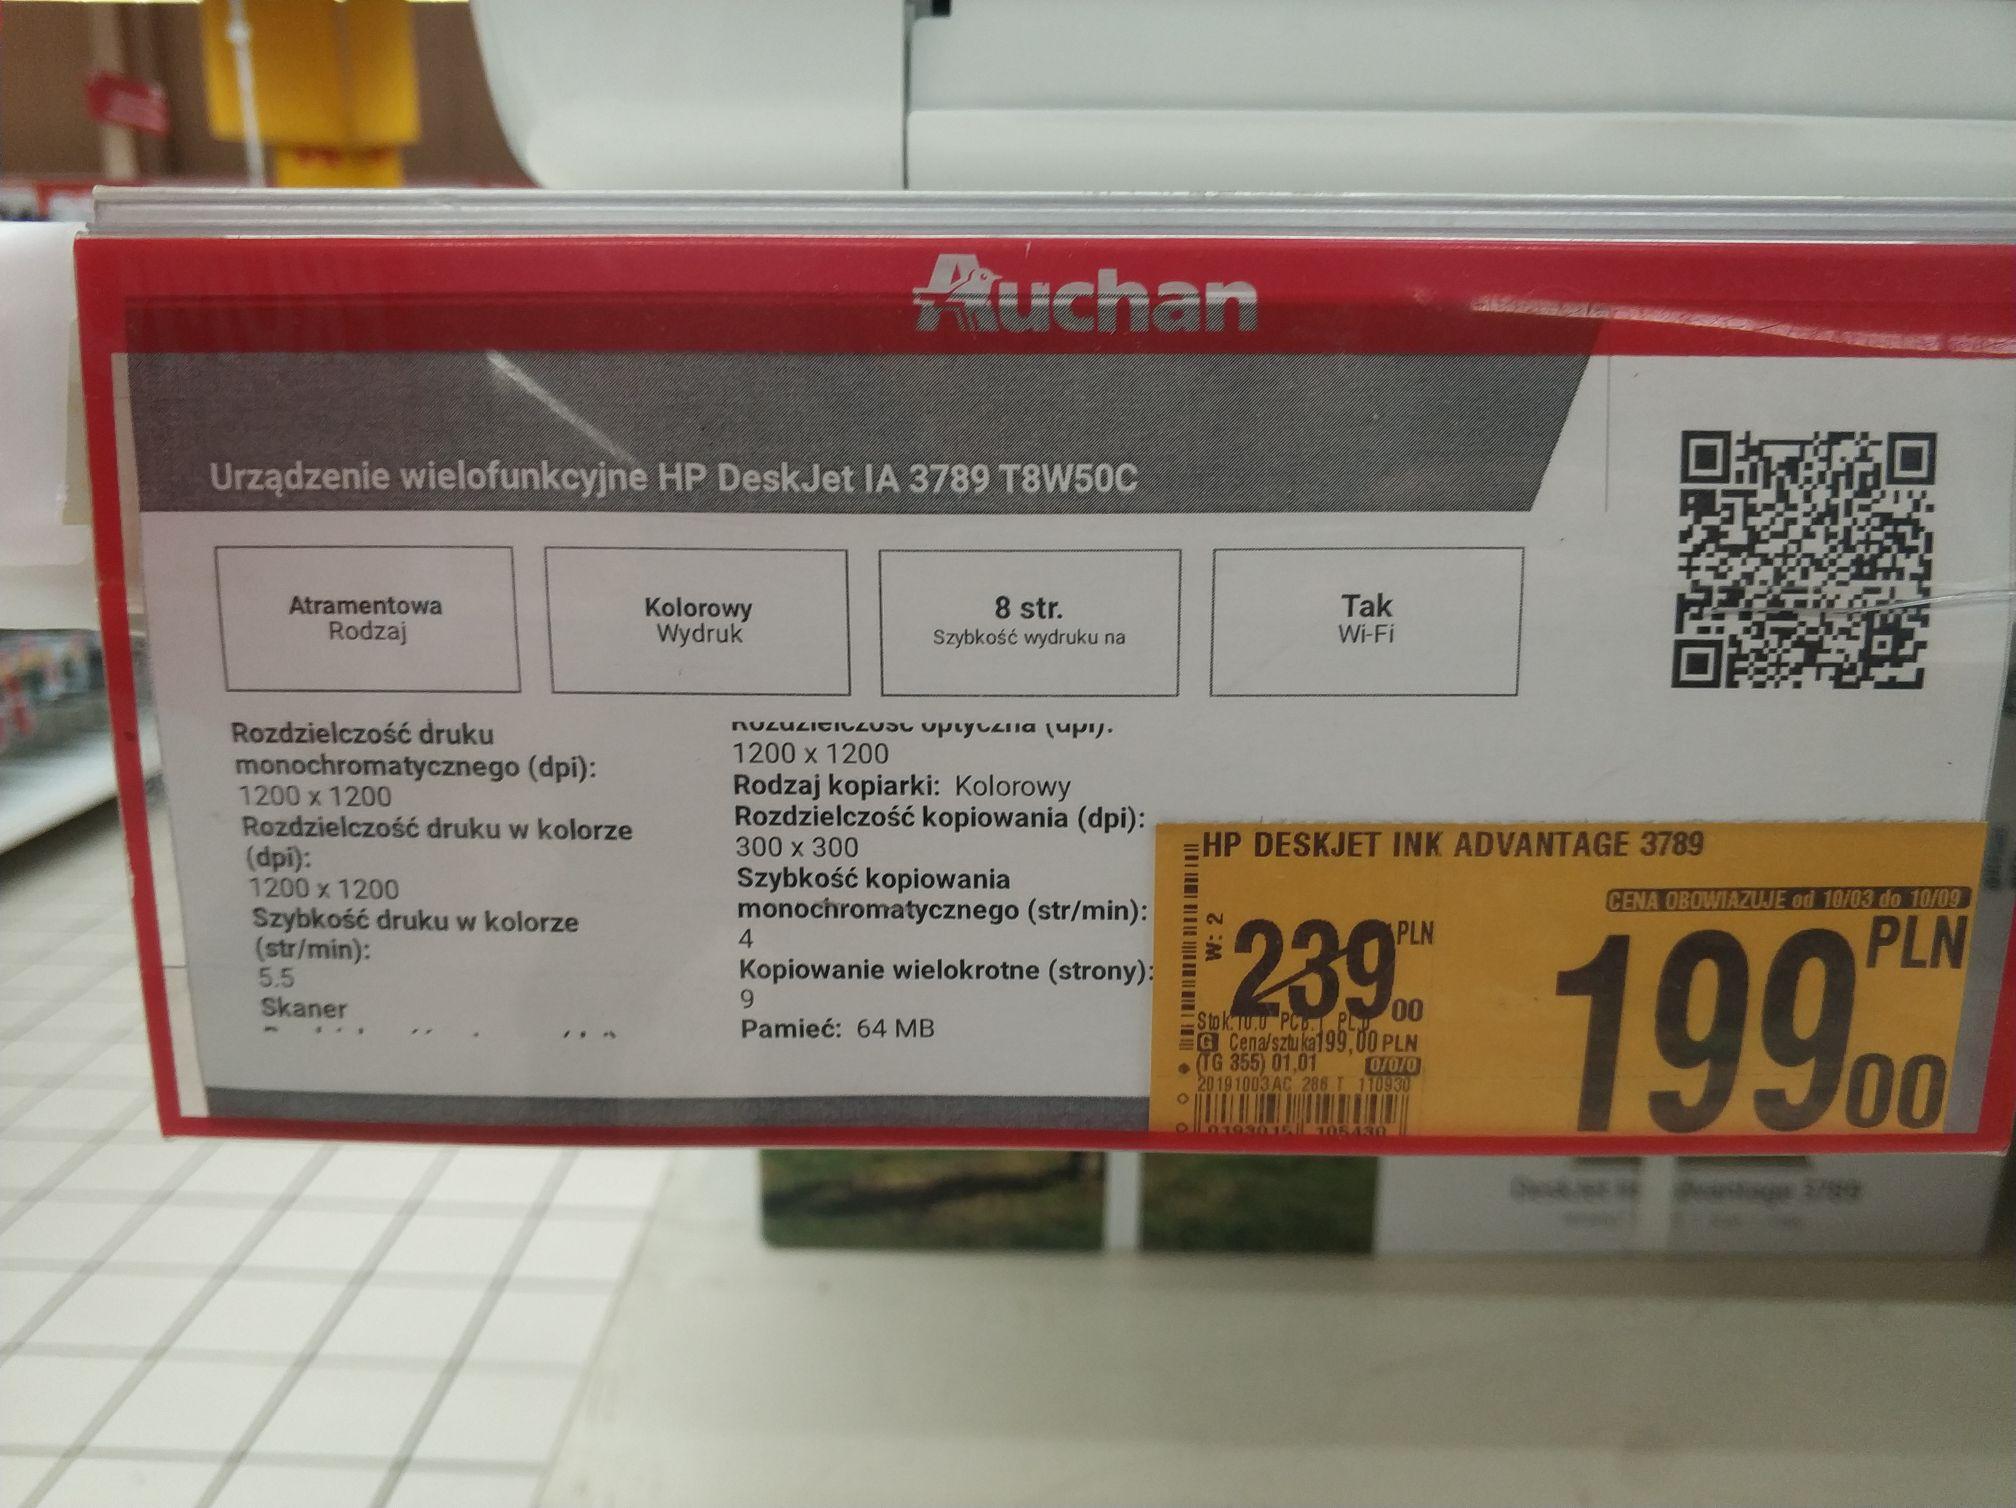 HP DeskJet INK 3789 - urządzenie wielofunkcyjne - Auchan